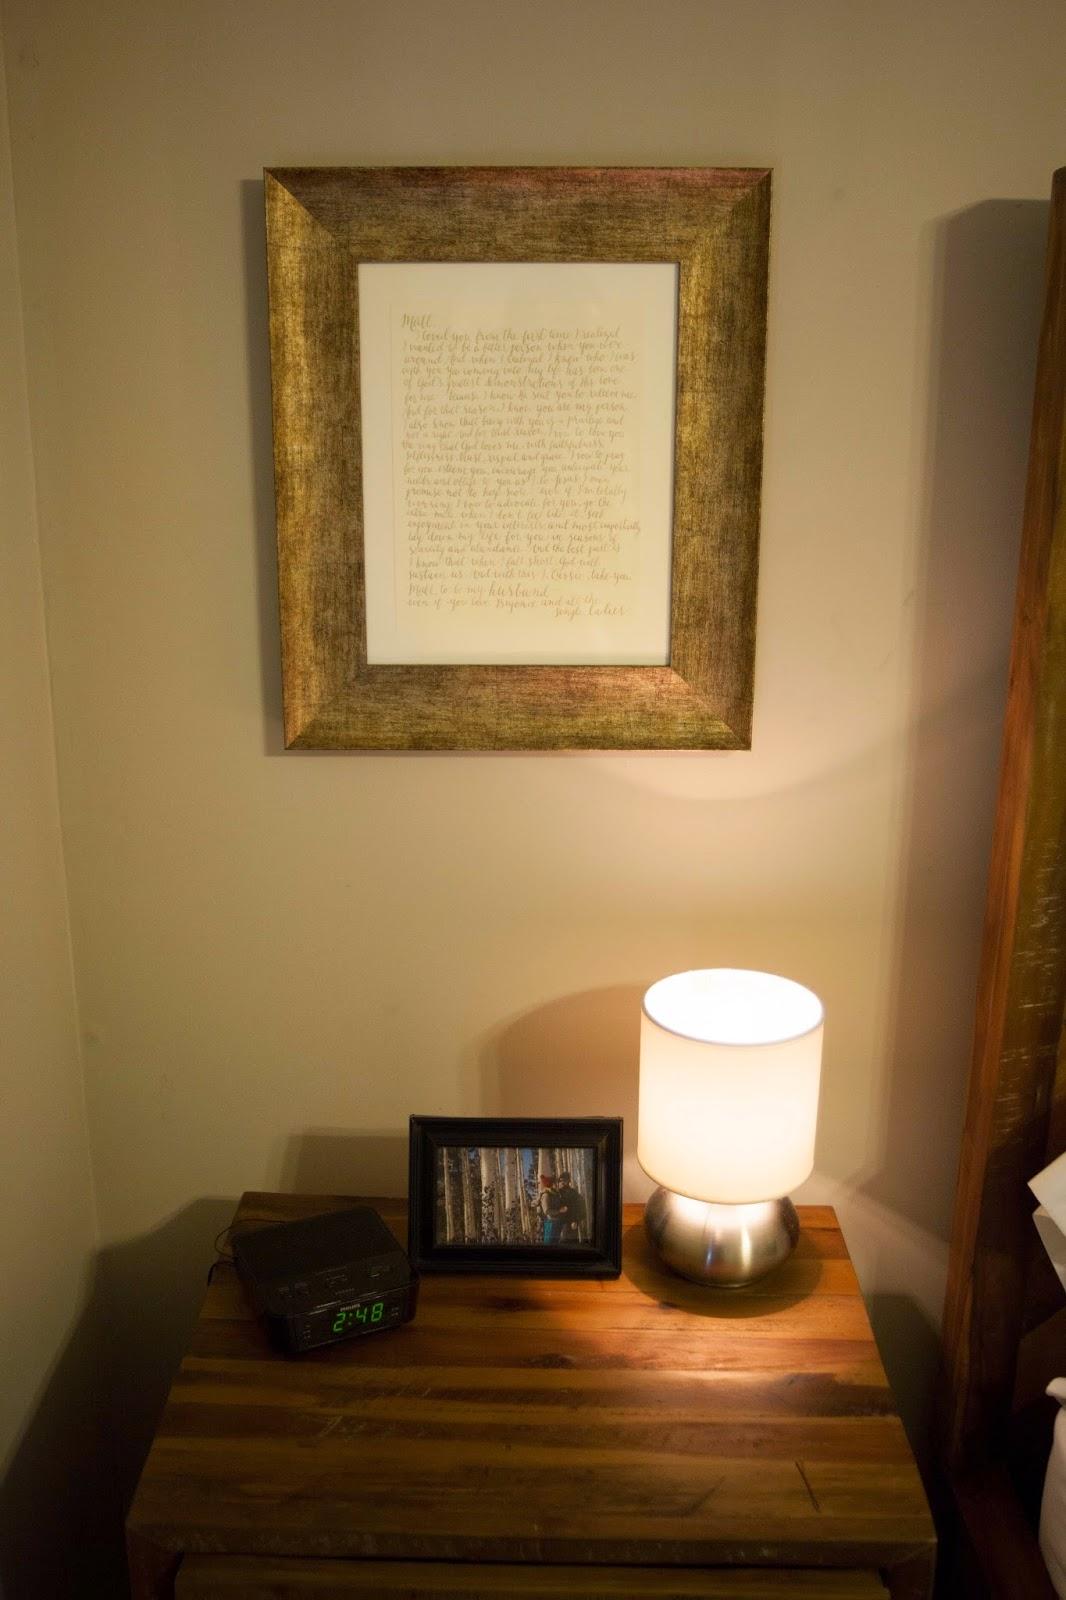 Framed wedding vows above bedside table